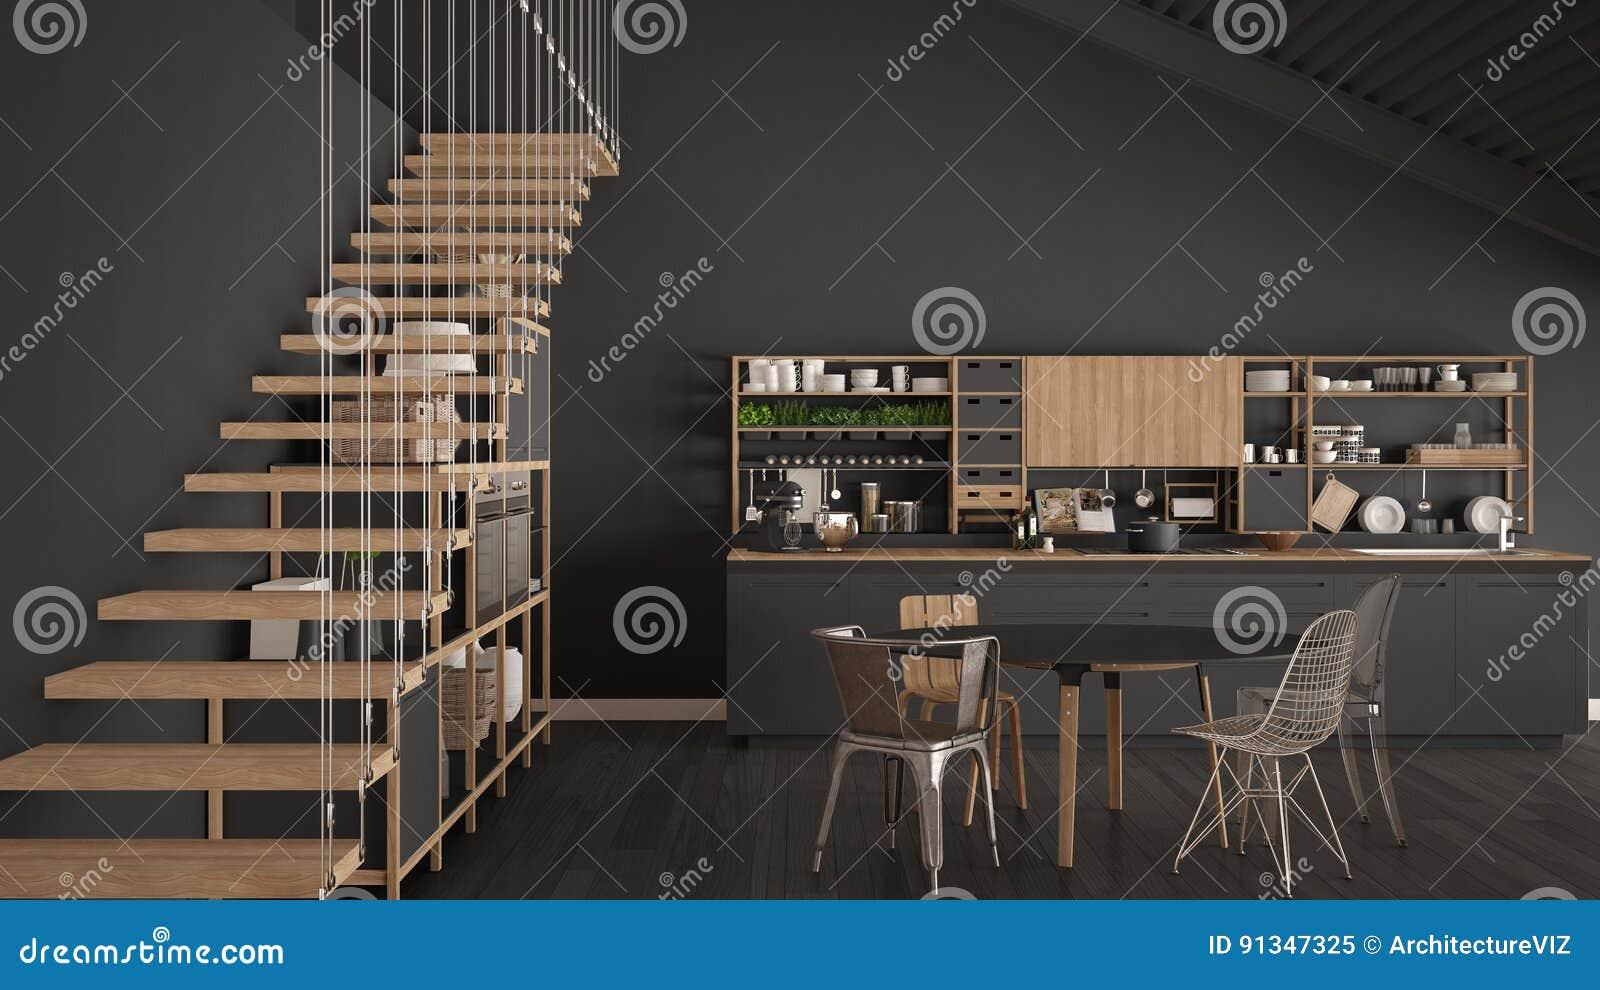 Keuken Interieur Scandinavisch : Minimalistische grijze houten keuken zolder met treden klassieke